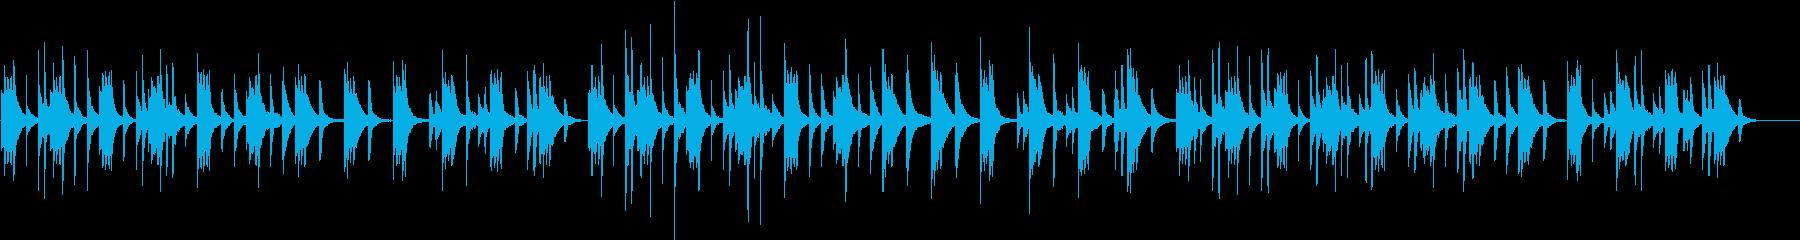 ピアノの音で作ったゆったりとした曲の再生済みの波形